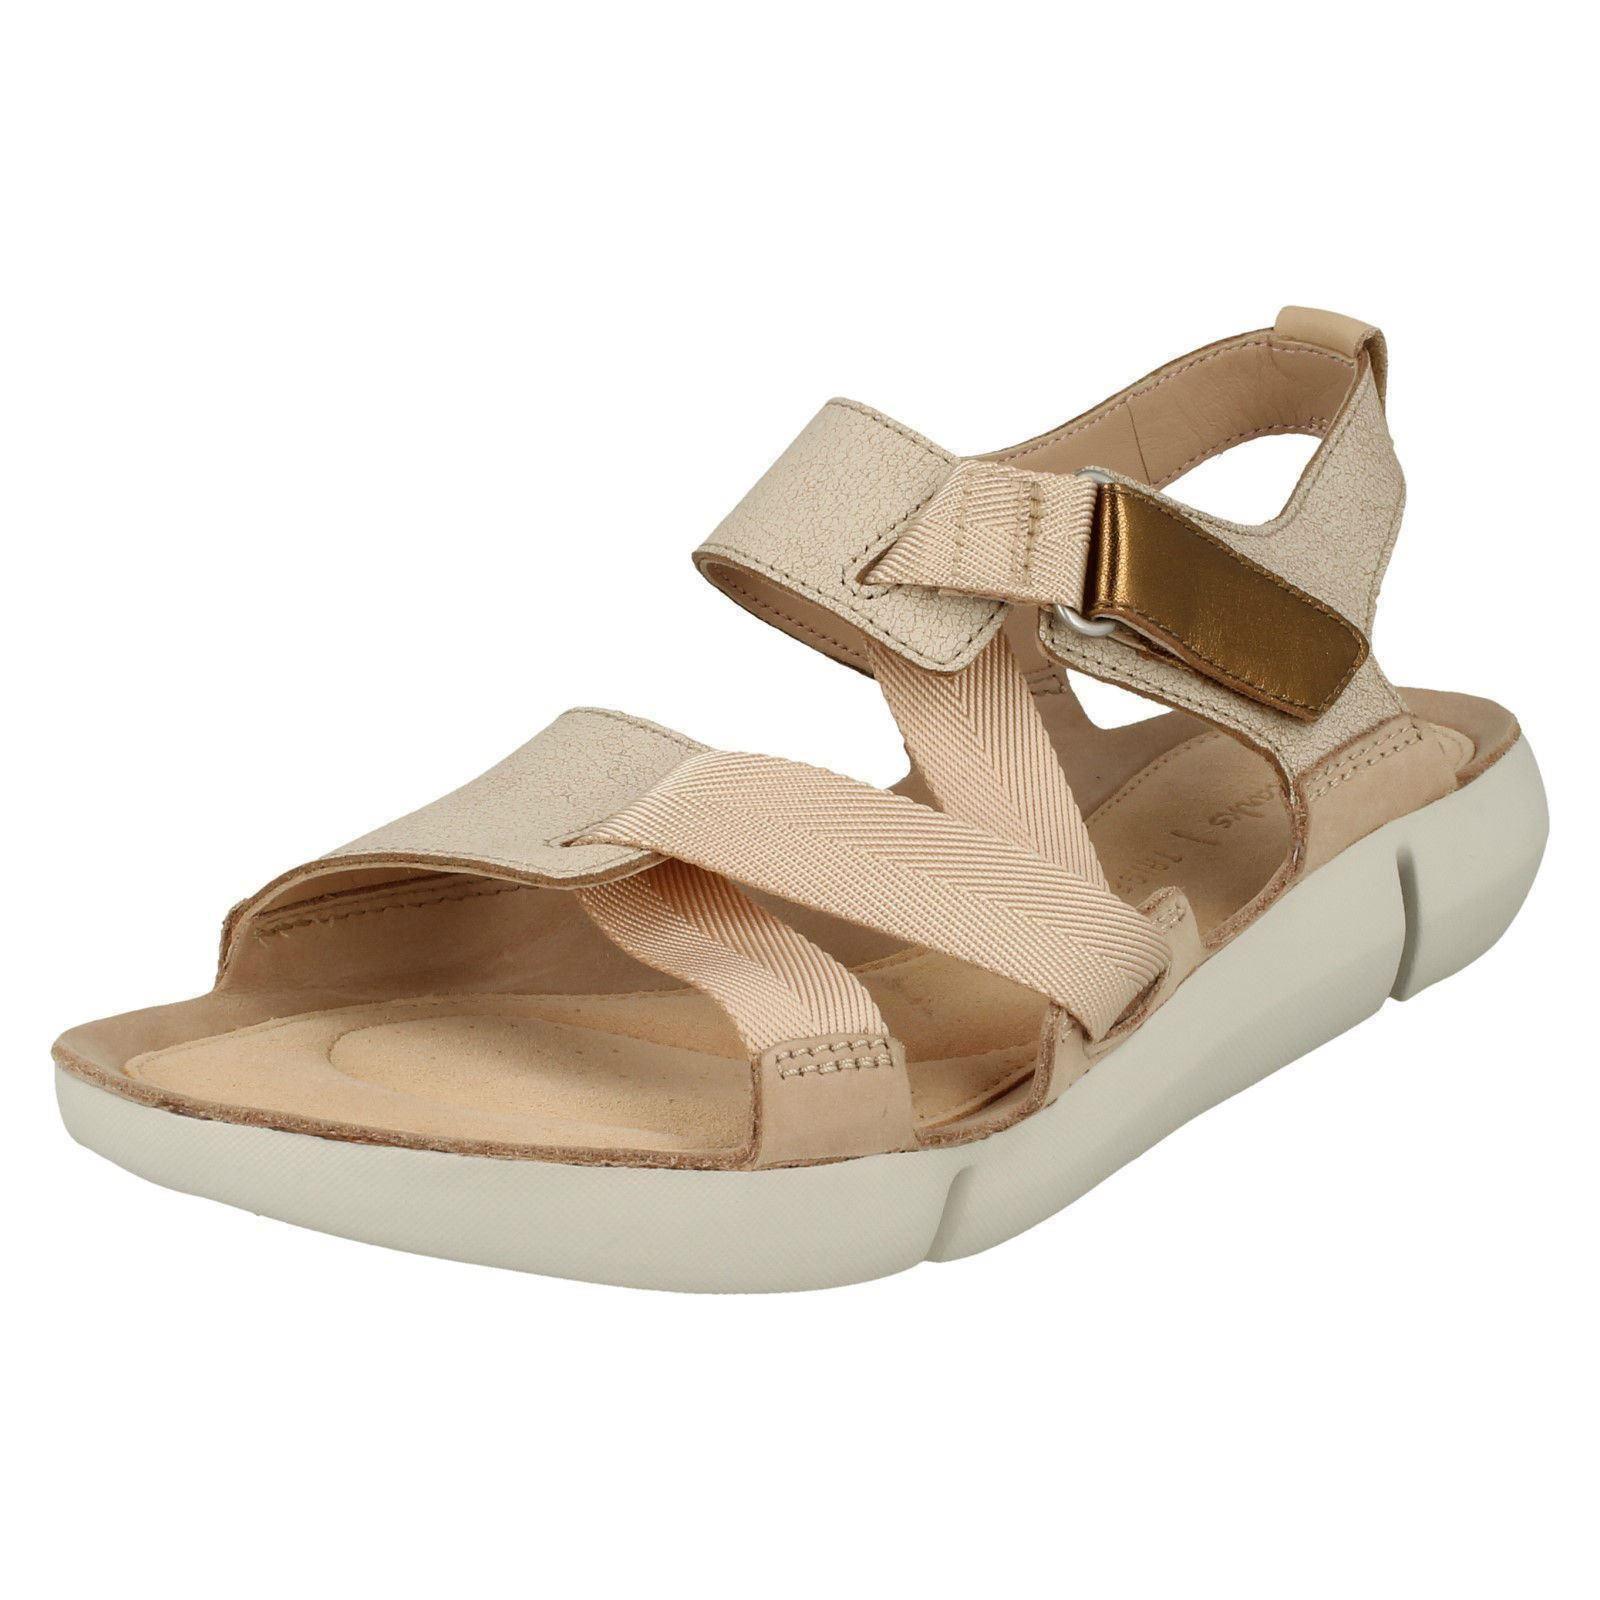 Tri Clover, Sandali con Cinturino alla Caviglia Donna, Beige (Sand Combi), 36 EU Clarks